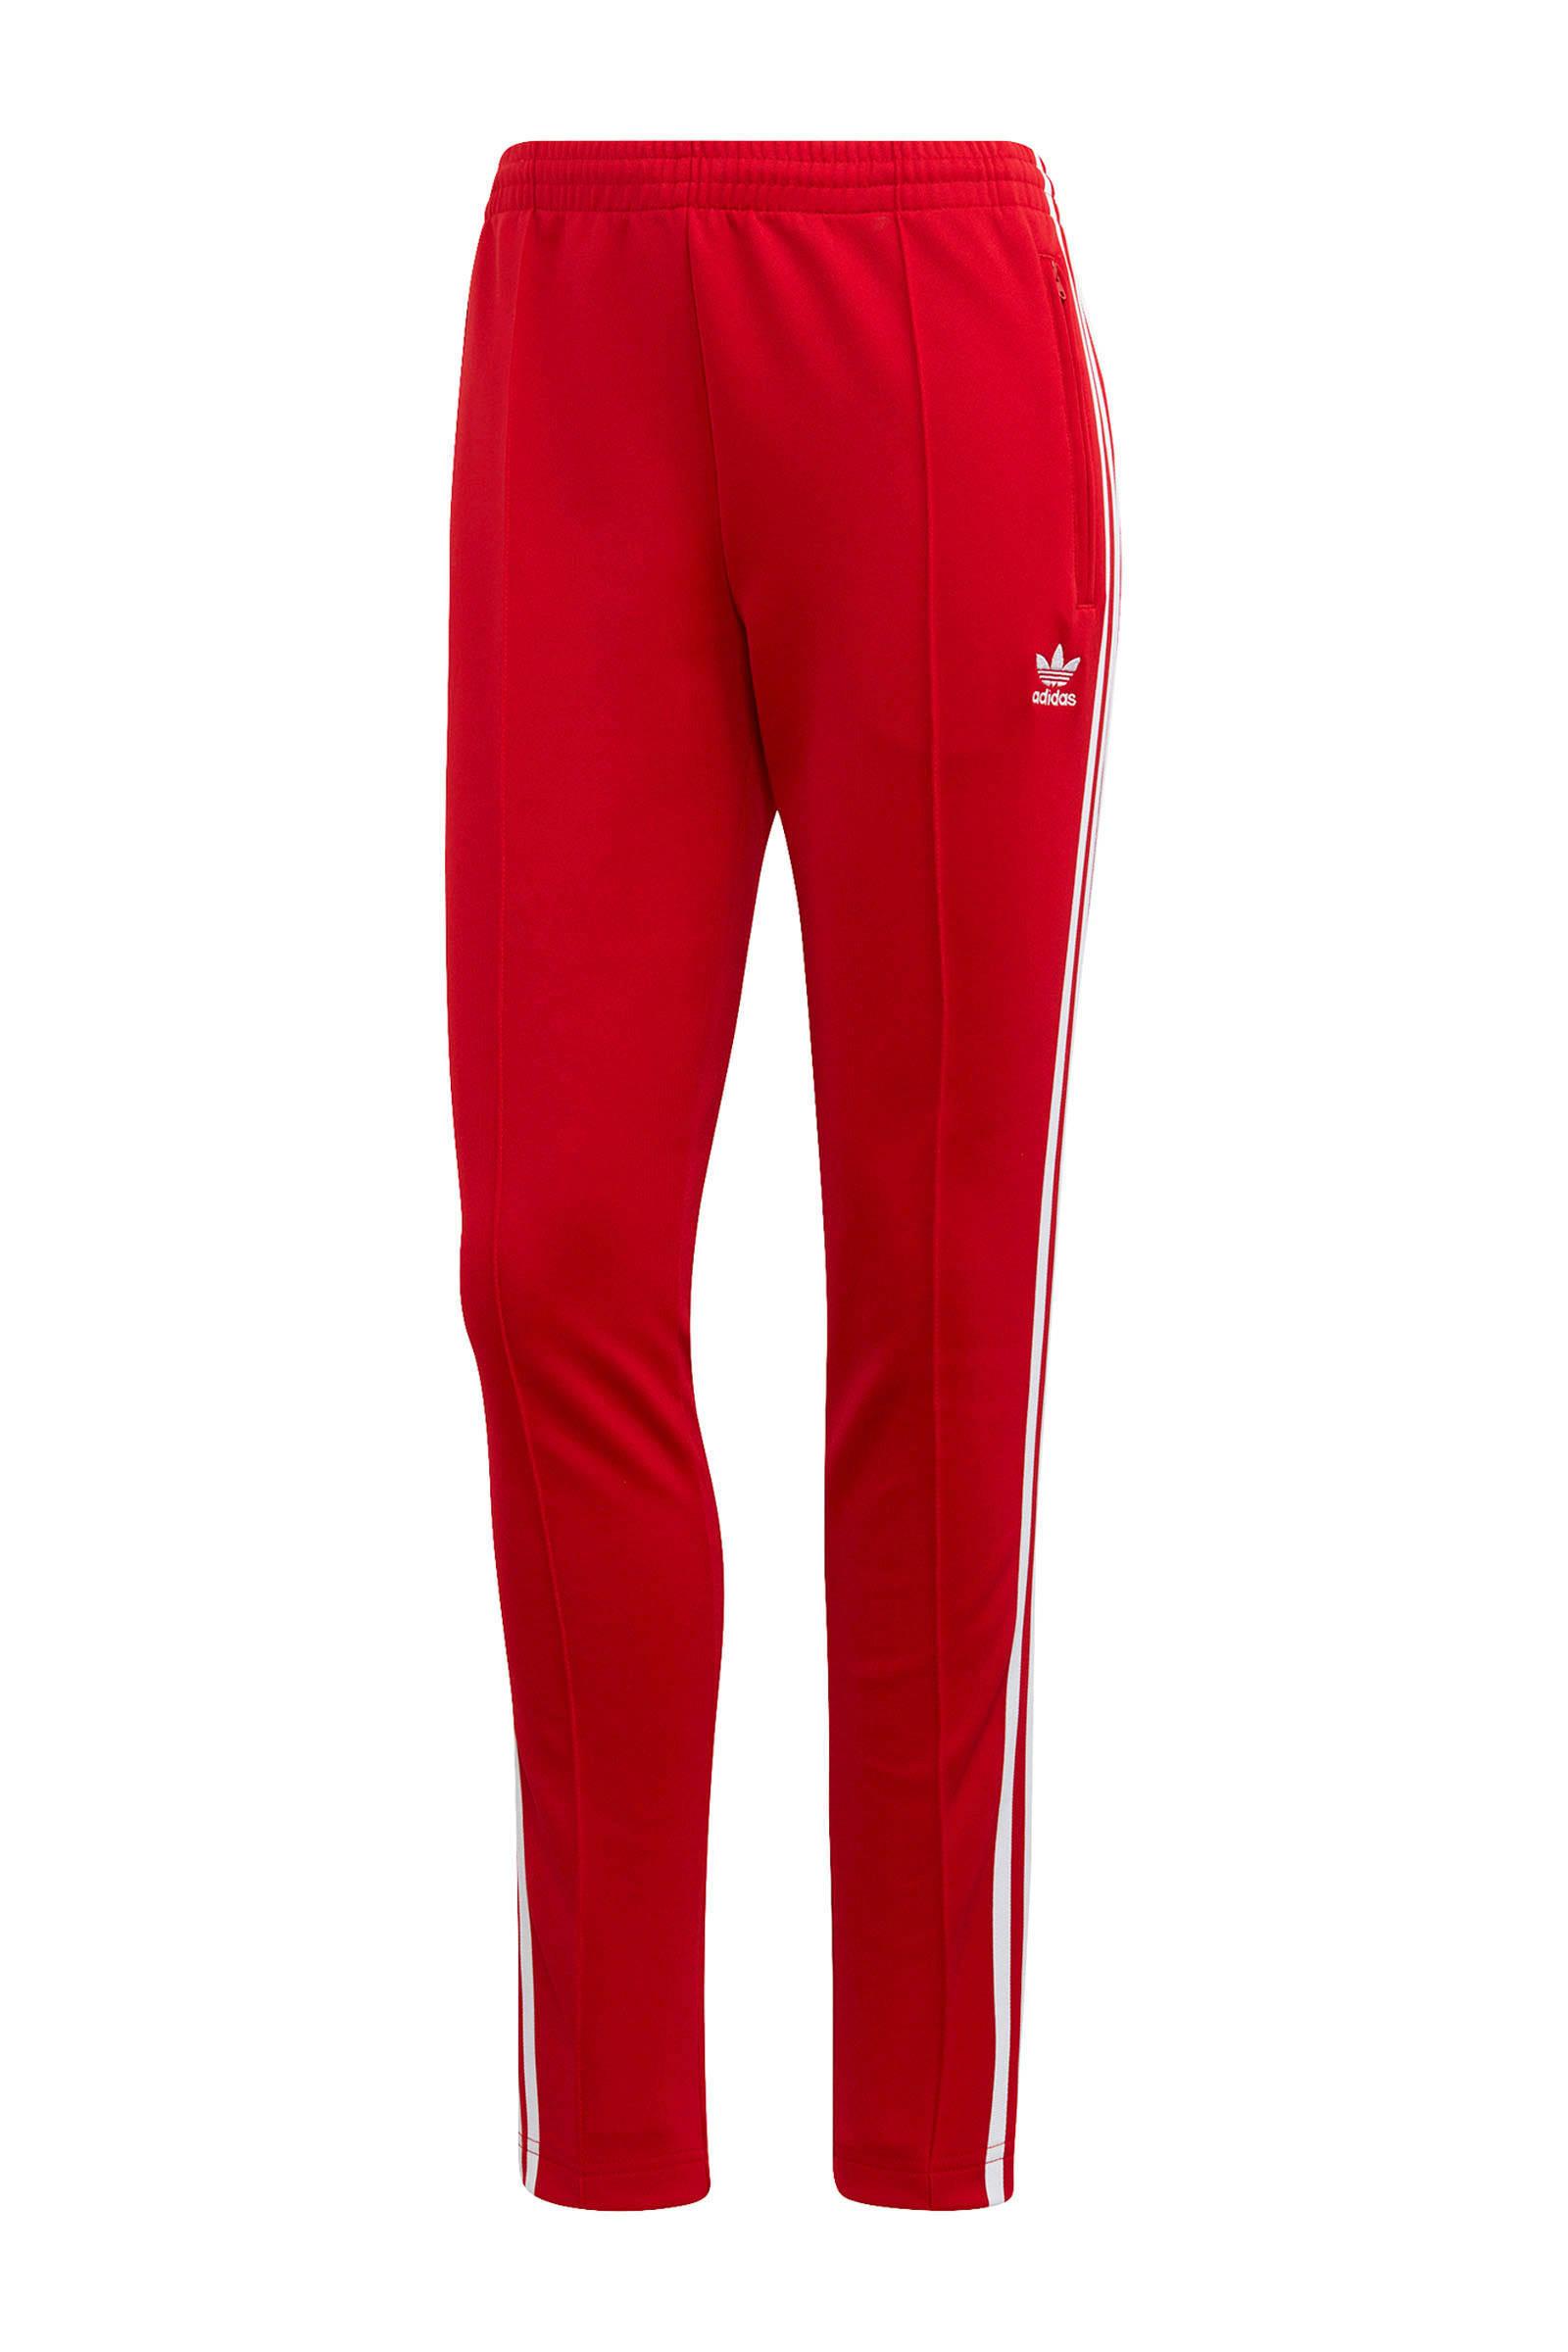 Adicolor sportbroek rood